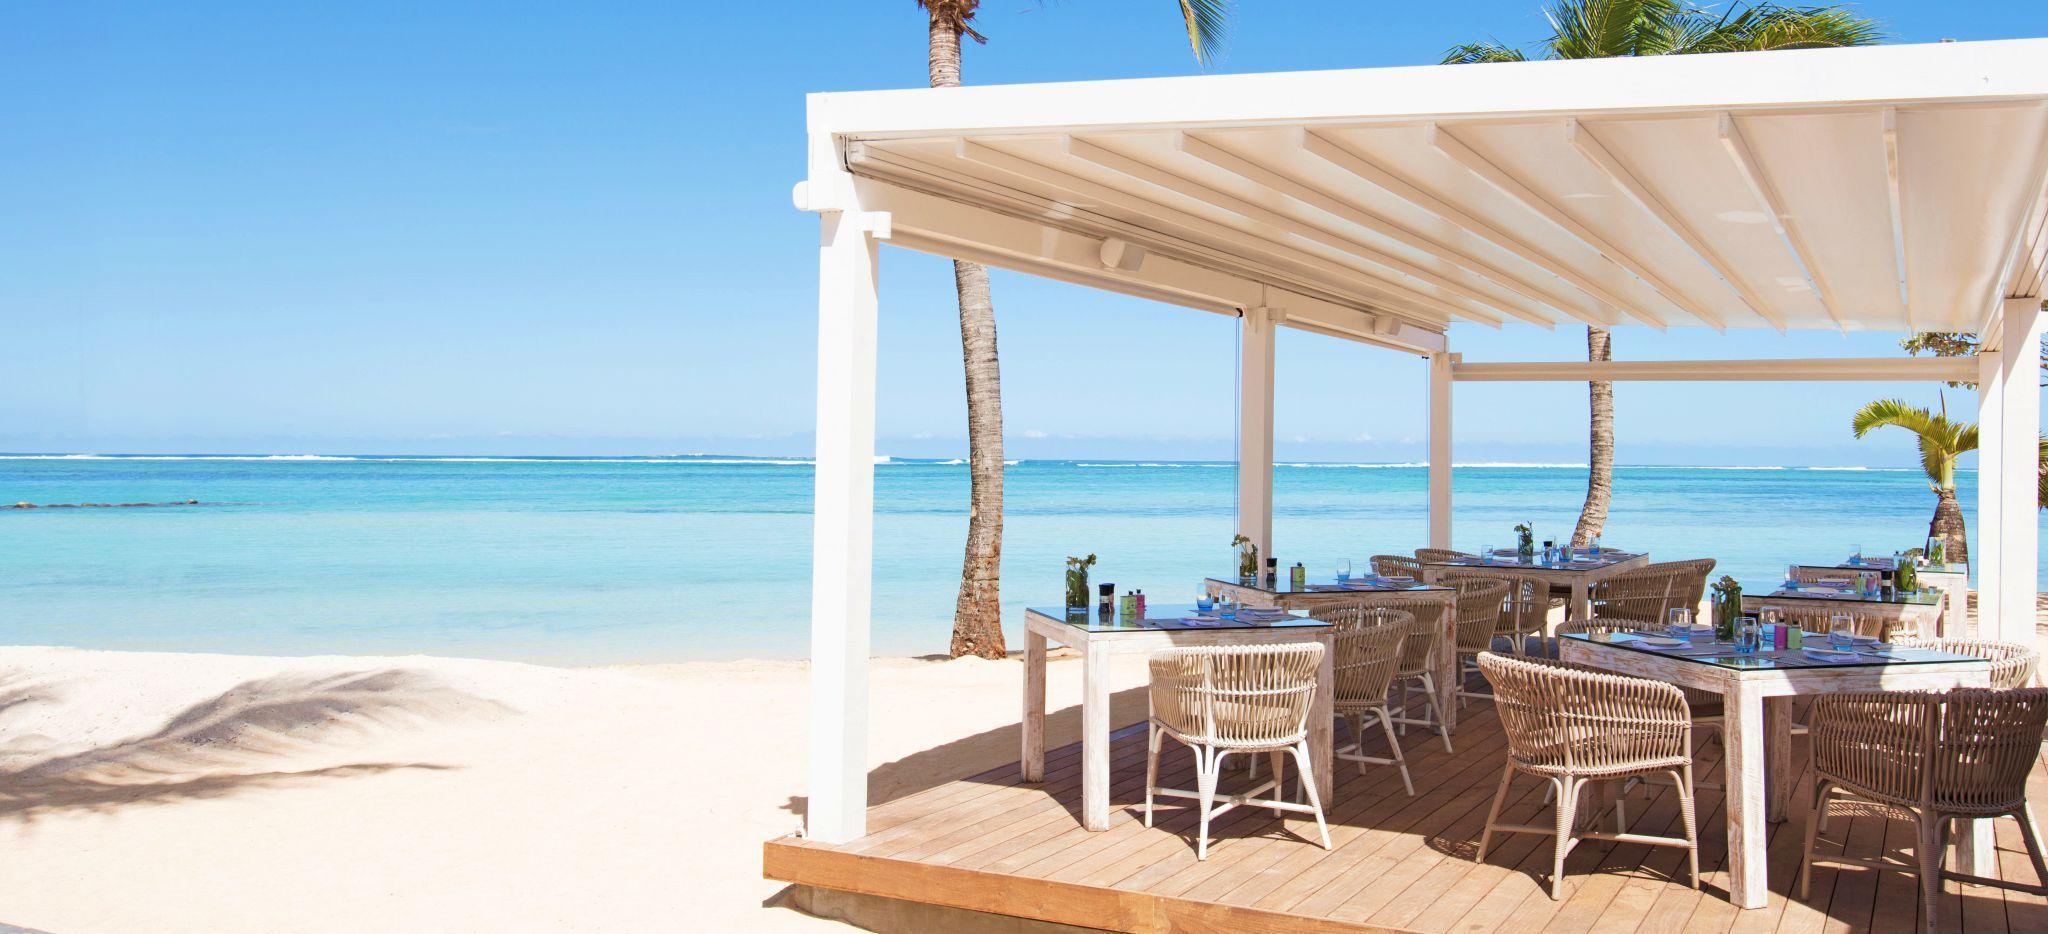 Eine kleine Terrasse am Strand mit gedeckten Restauranttischen